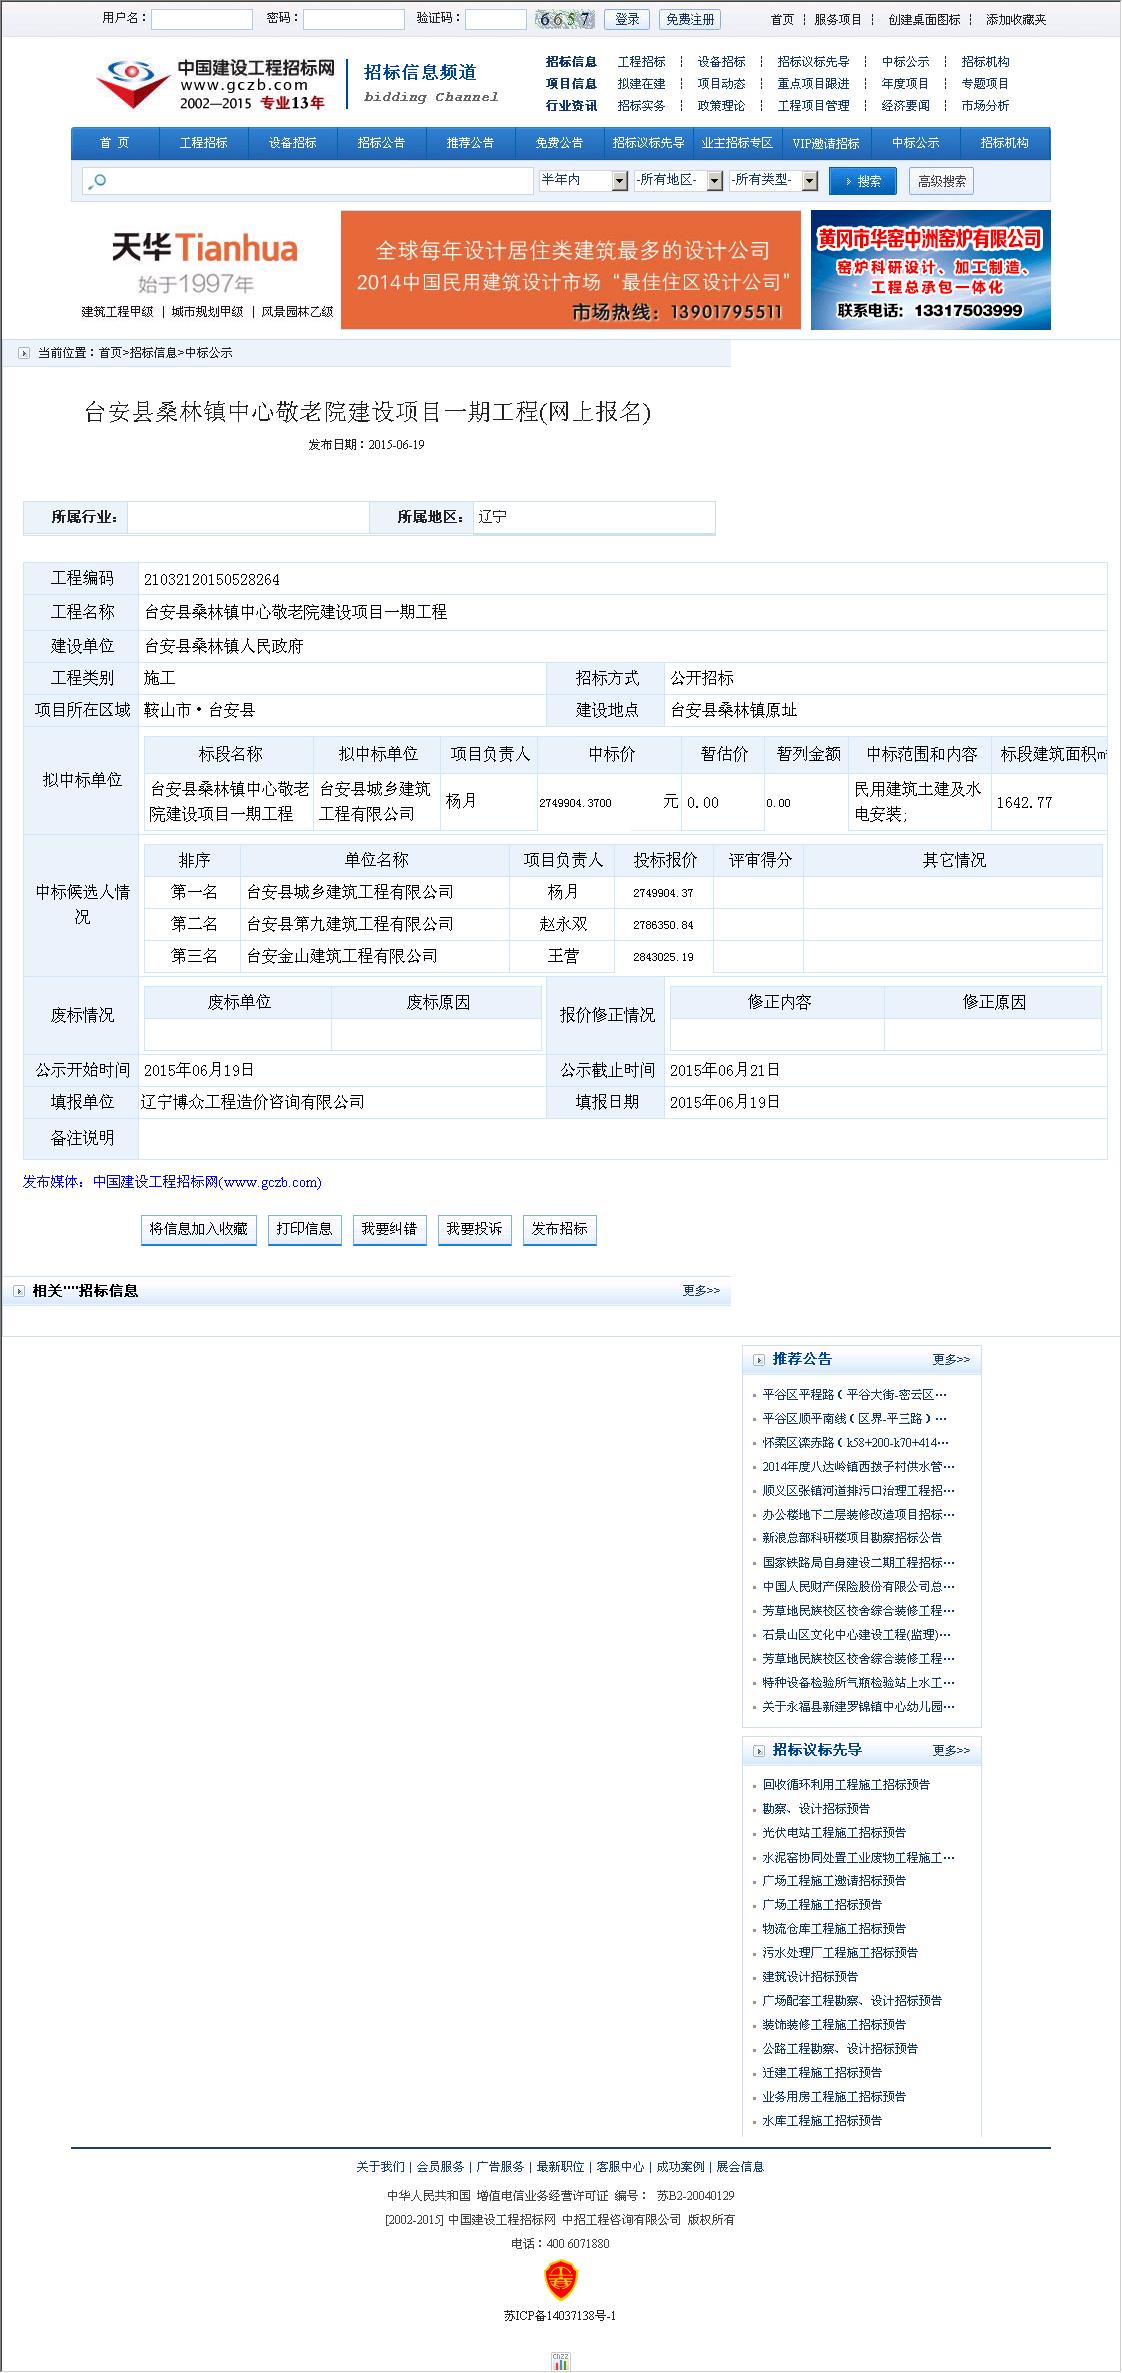 台安县城乡建筑工程有限公司 台安县桑林镇中心敬老院